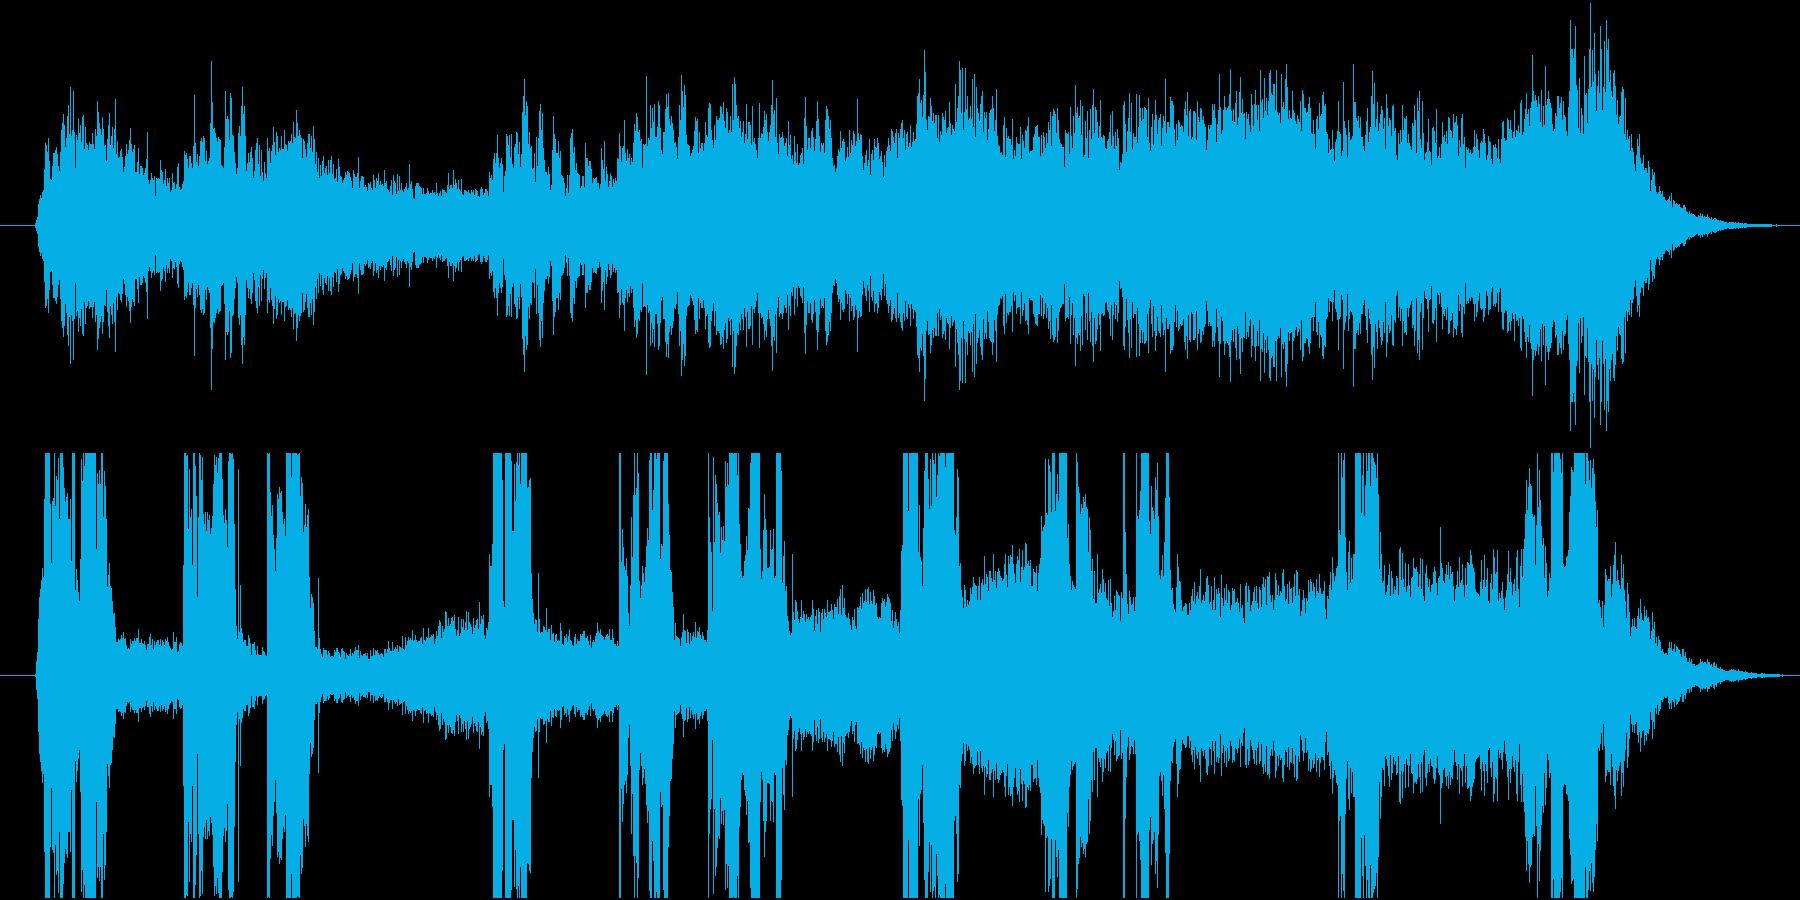 かっこいい英語でのオープニングSE OPの再生済みの波形